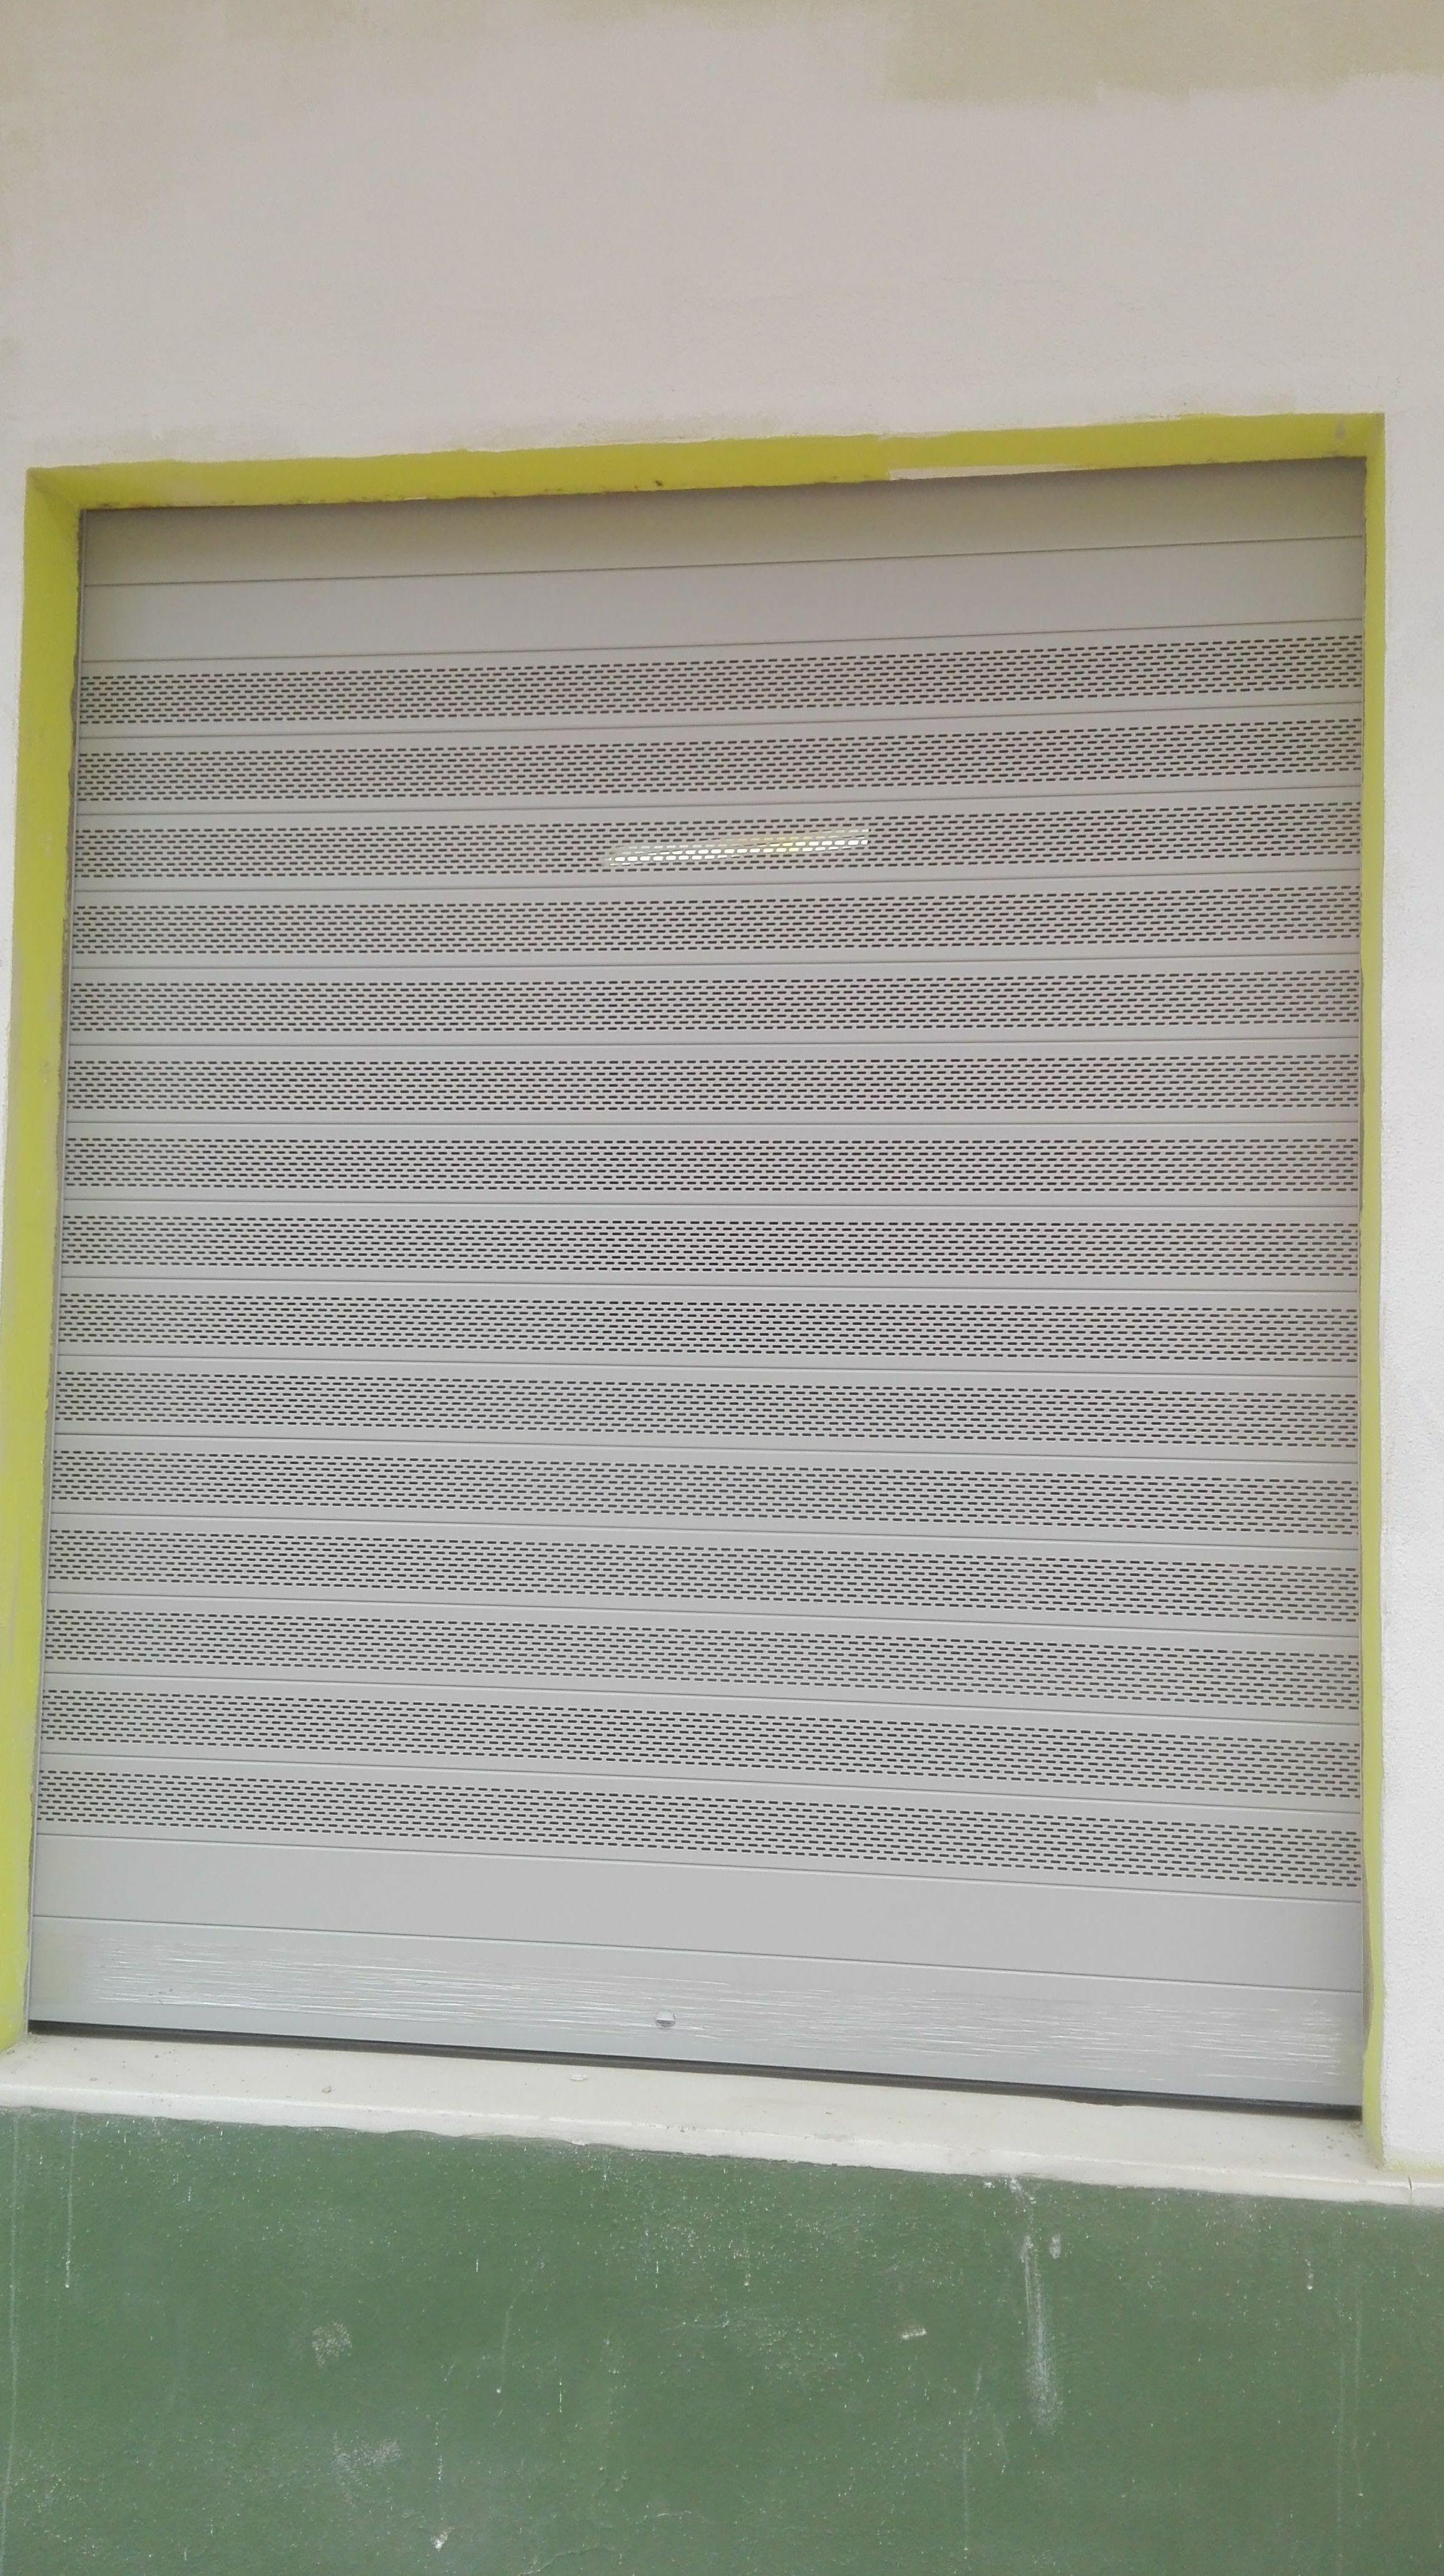 Puerta enrollable de aluminio ral 9006 gris microperforada  automática de lama ovalada